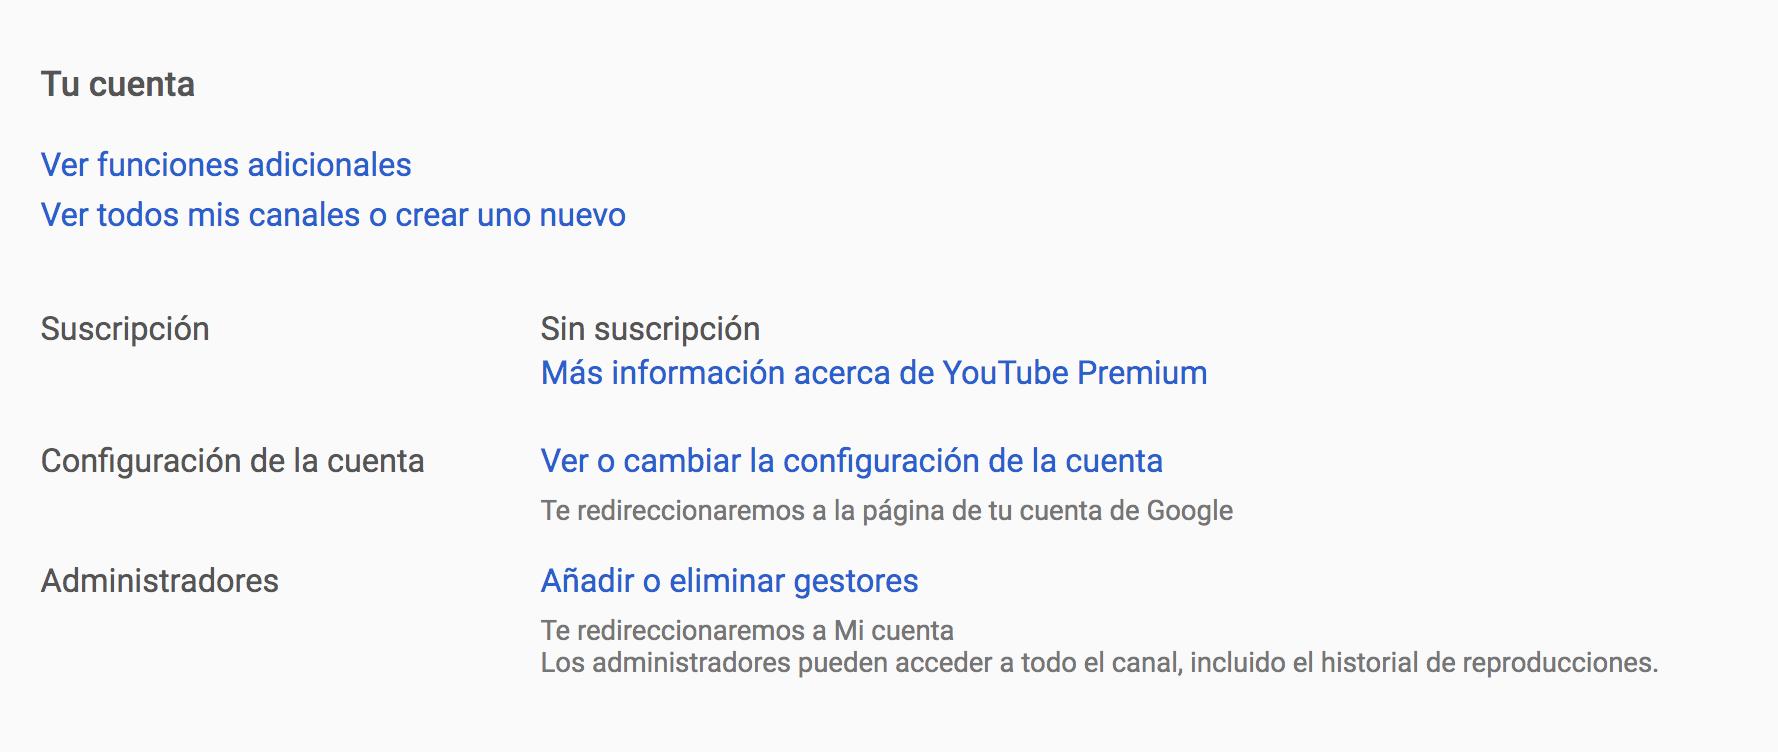 Cómo Agregar Administradores En Tu Cuenta De Youtube En Solo 3 Pasos